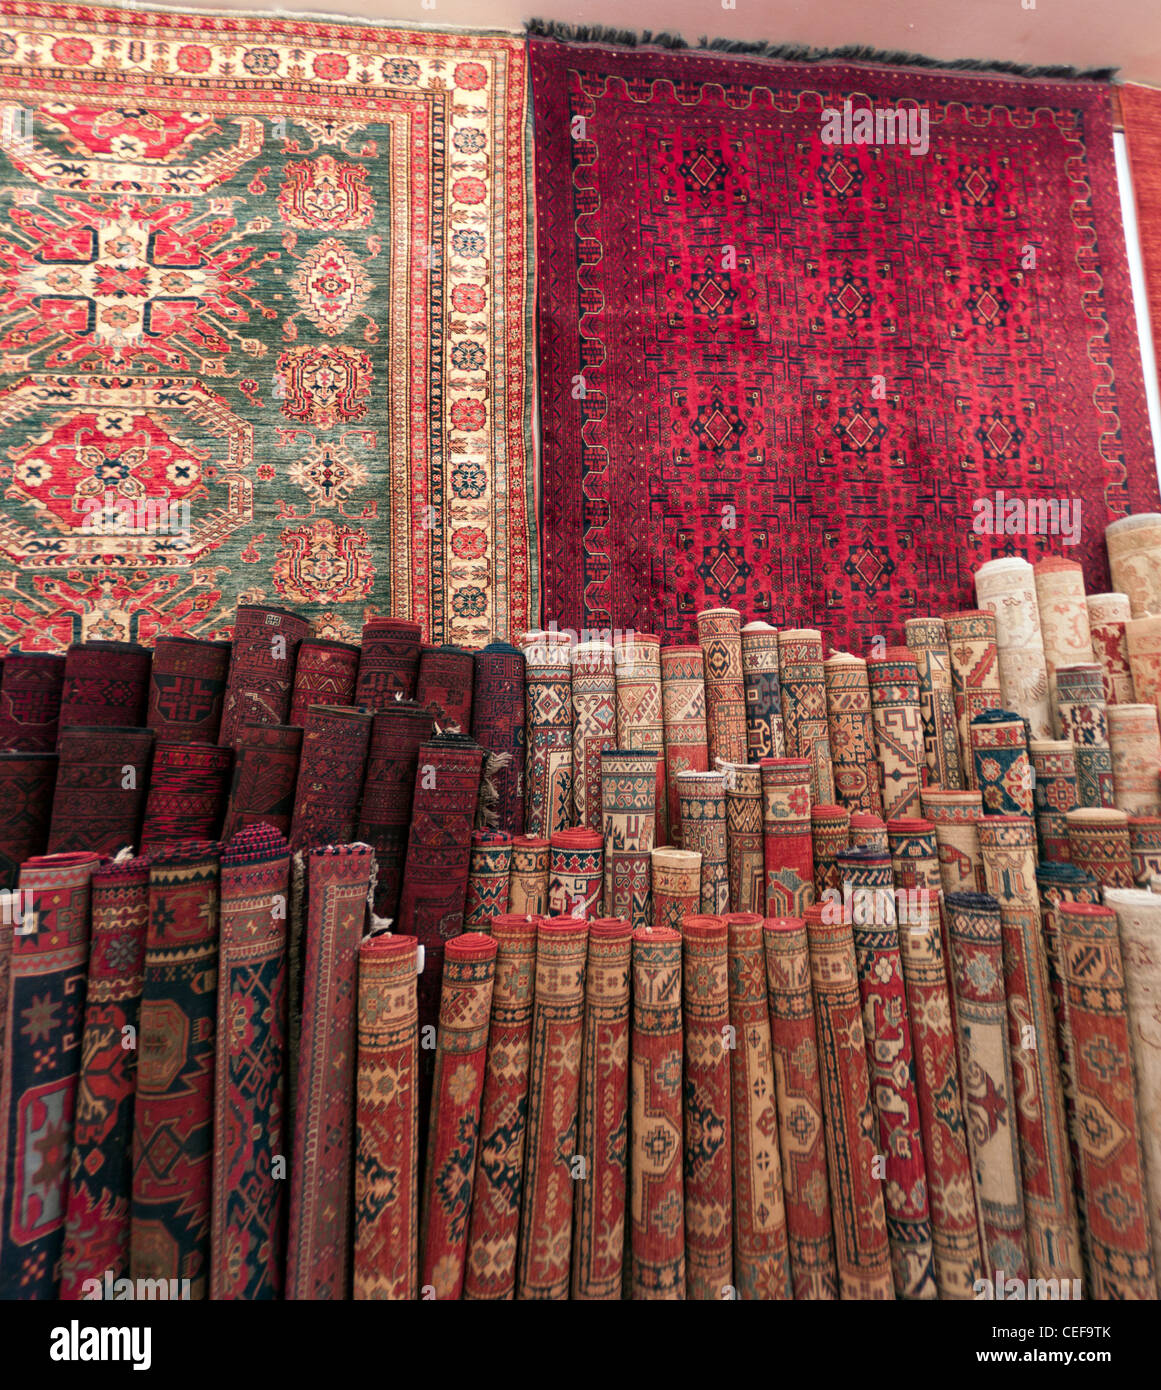 Alfombras Persas que se vende en una tienda de Riad Imagen De Stock